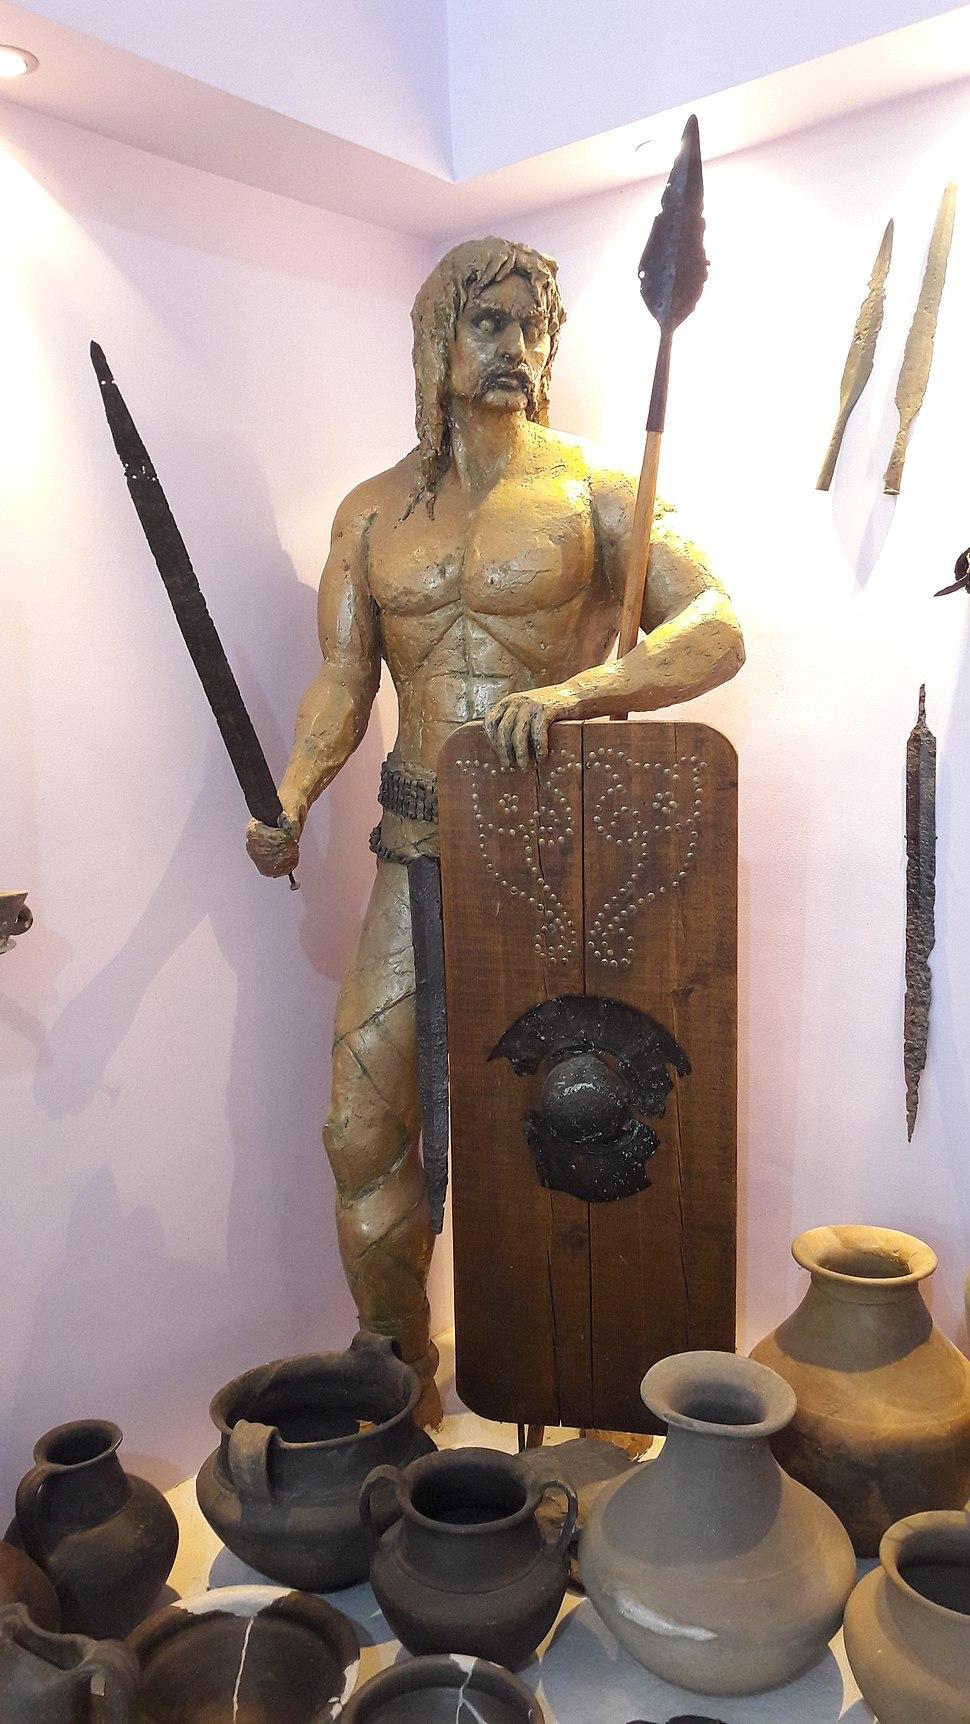 National museum in Požarevac, Scordisci warrior